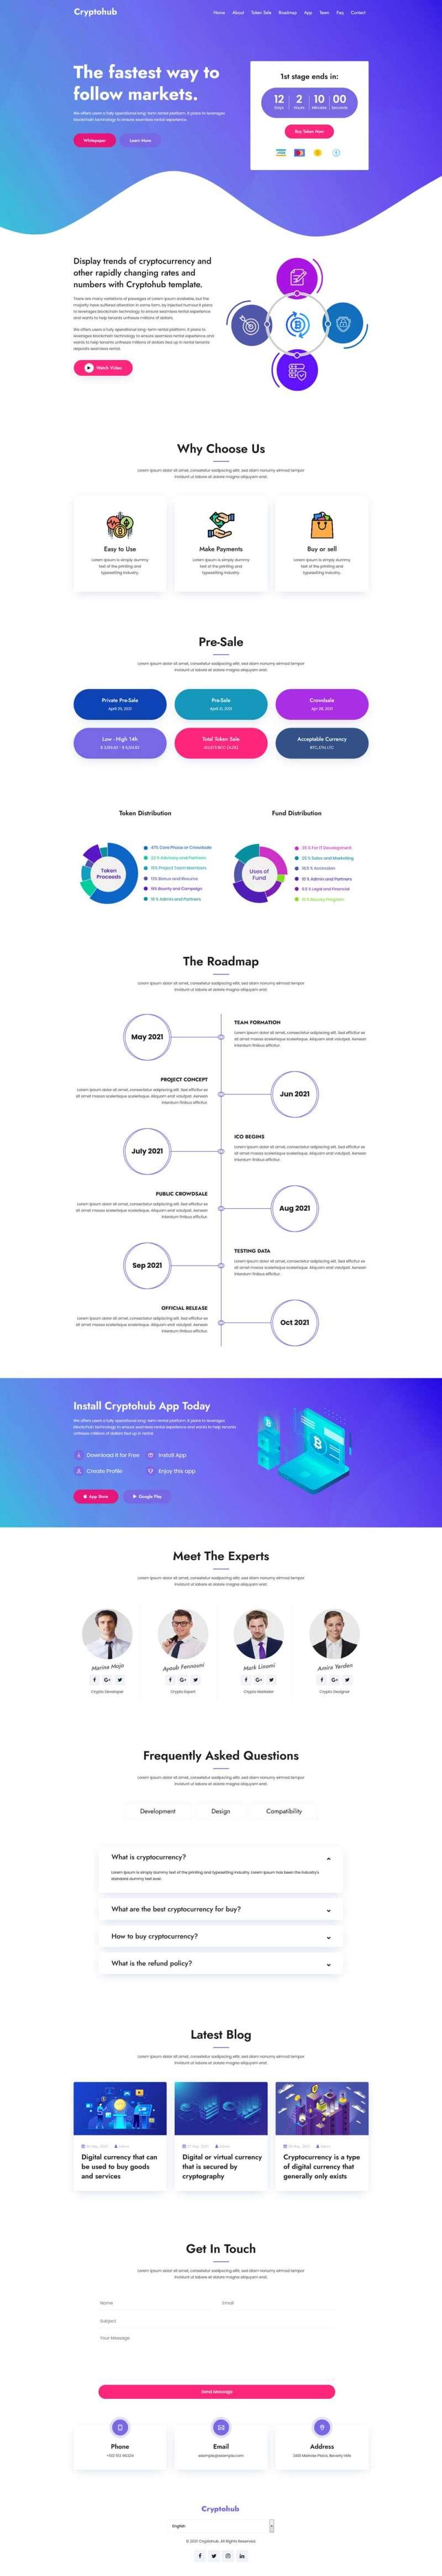 虚拟货币交易介绍HTML模板